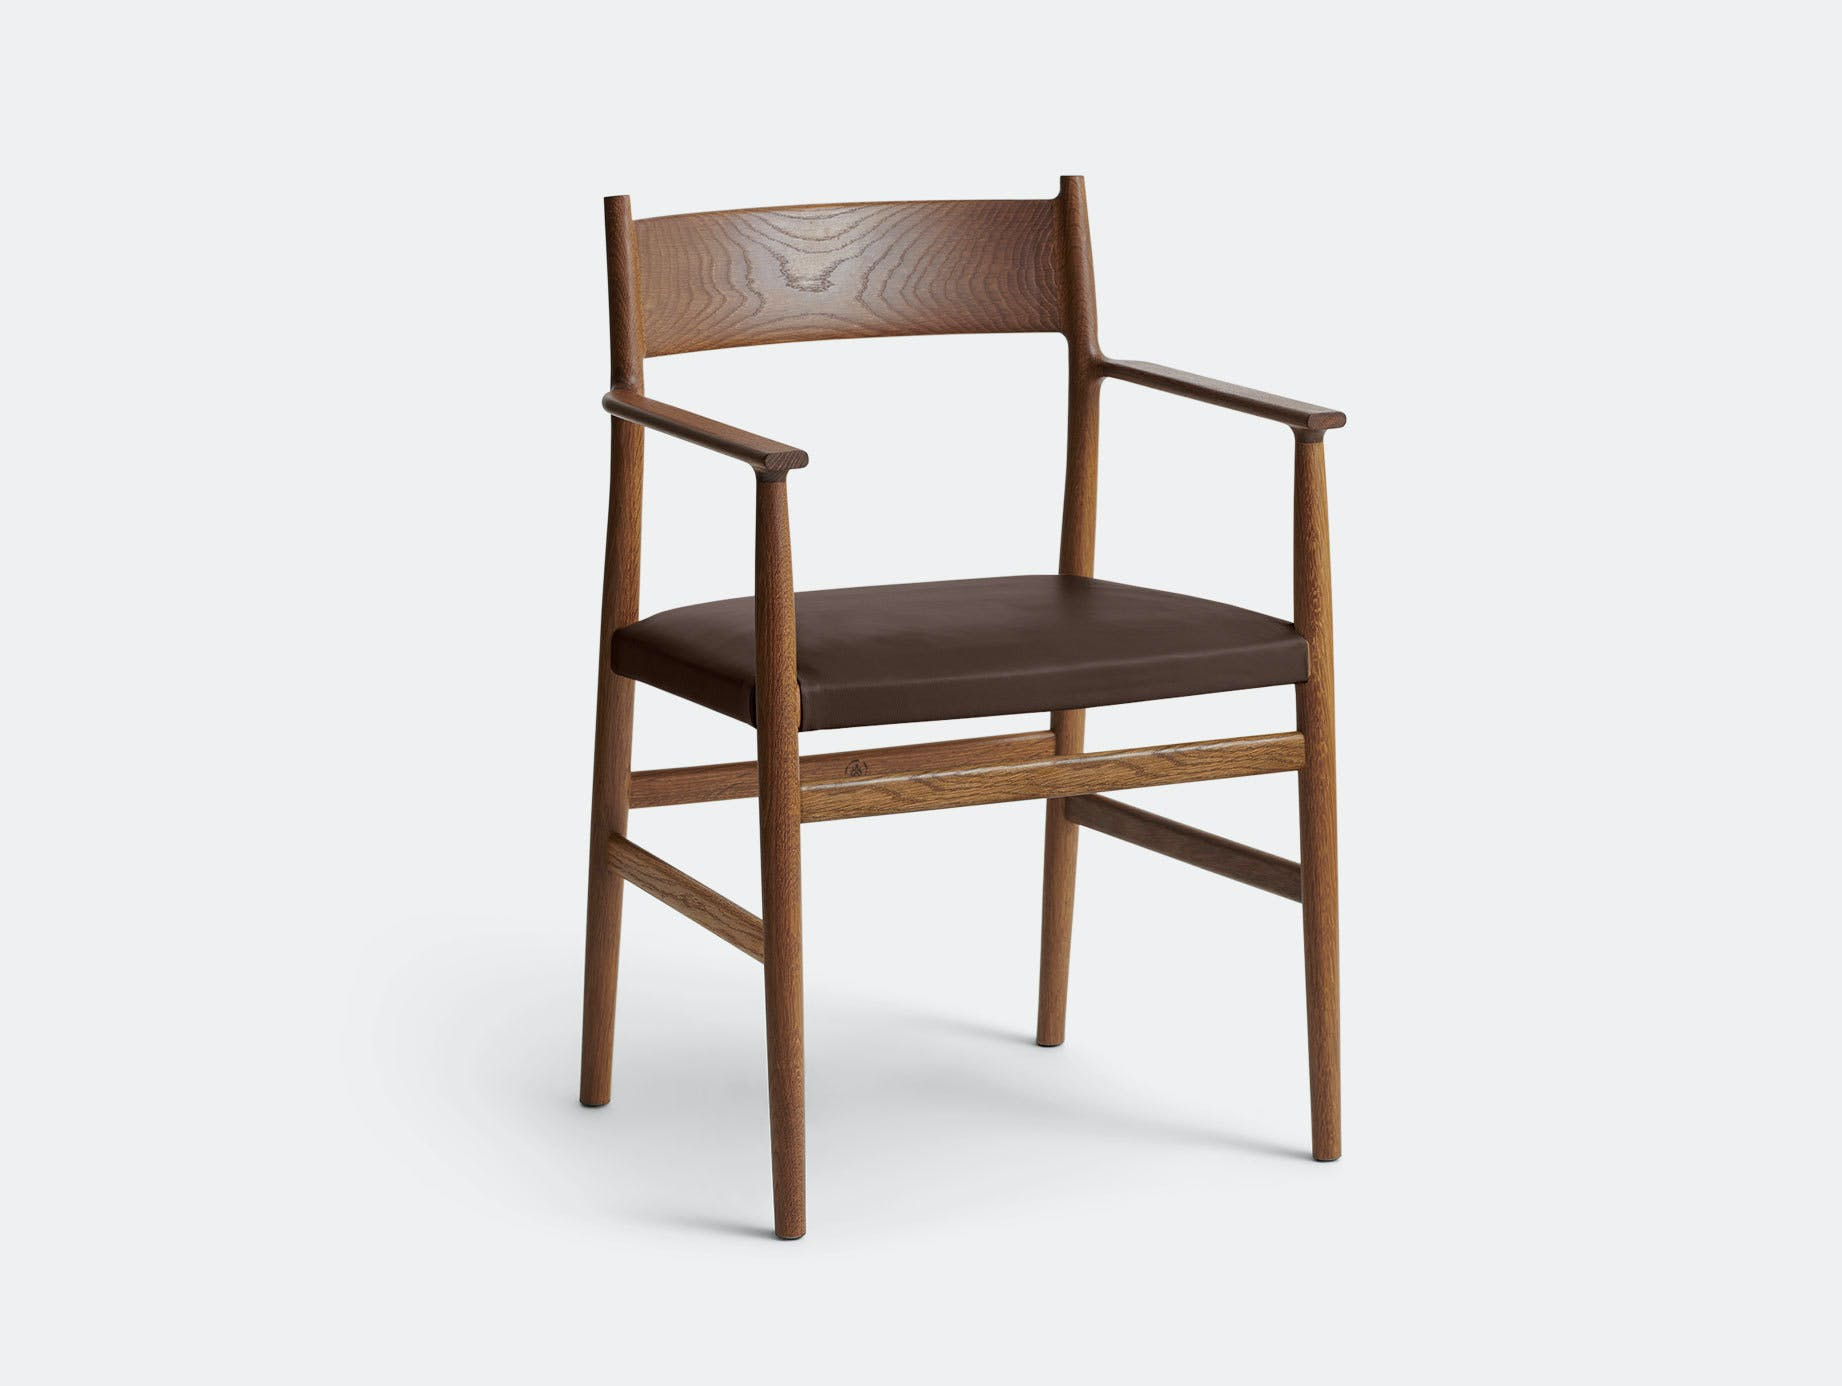 Brdr Kruger ARV Armchair Upholstered Fumed Oak Savanne Brown Studio David Thulstrup